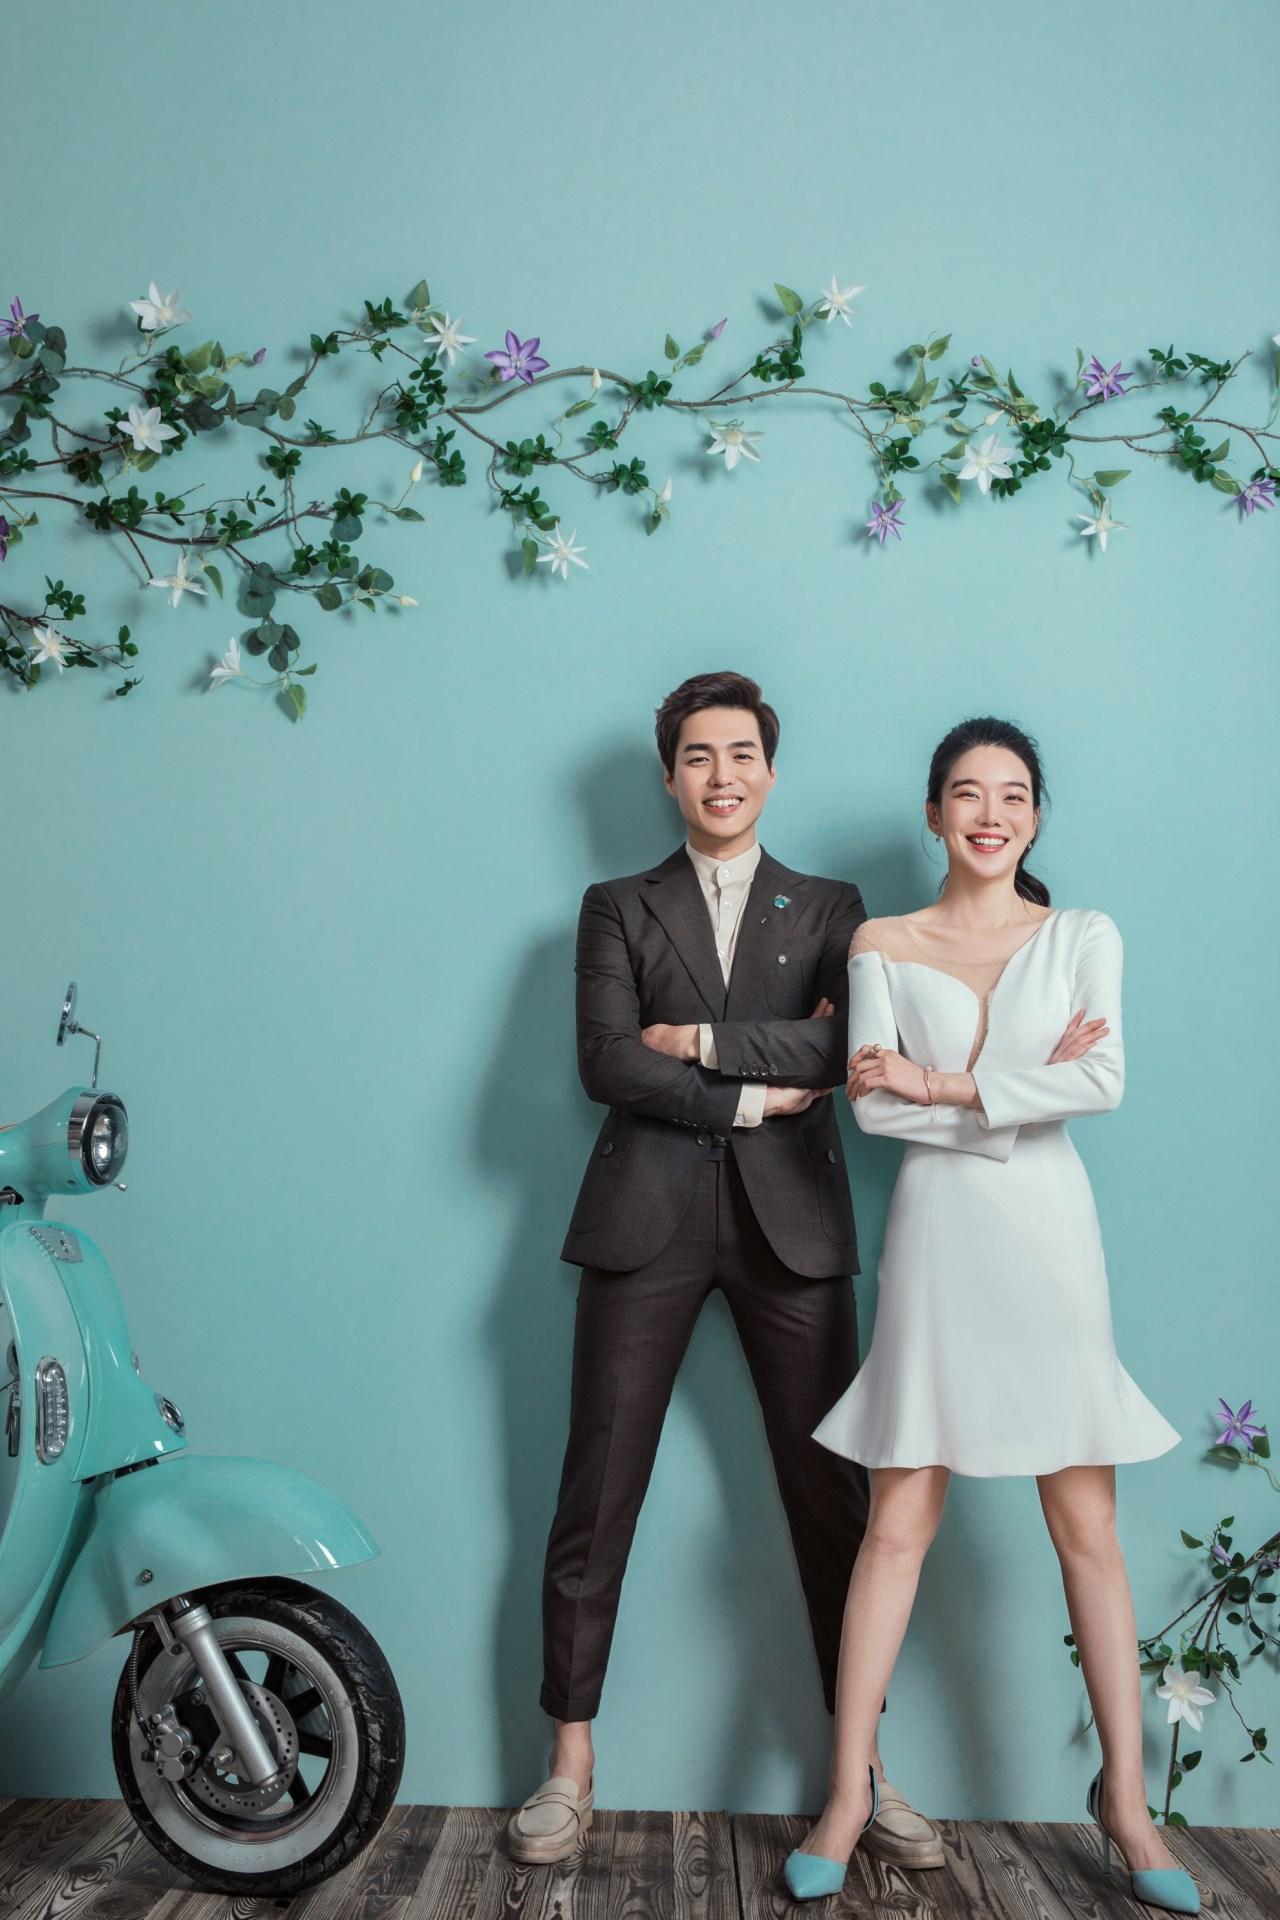 台灣 婚紗品牌 婚紗禮服